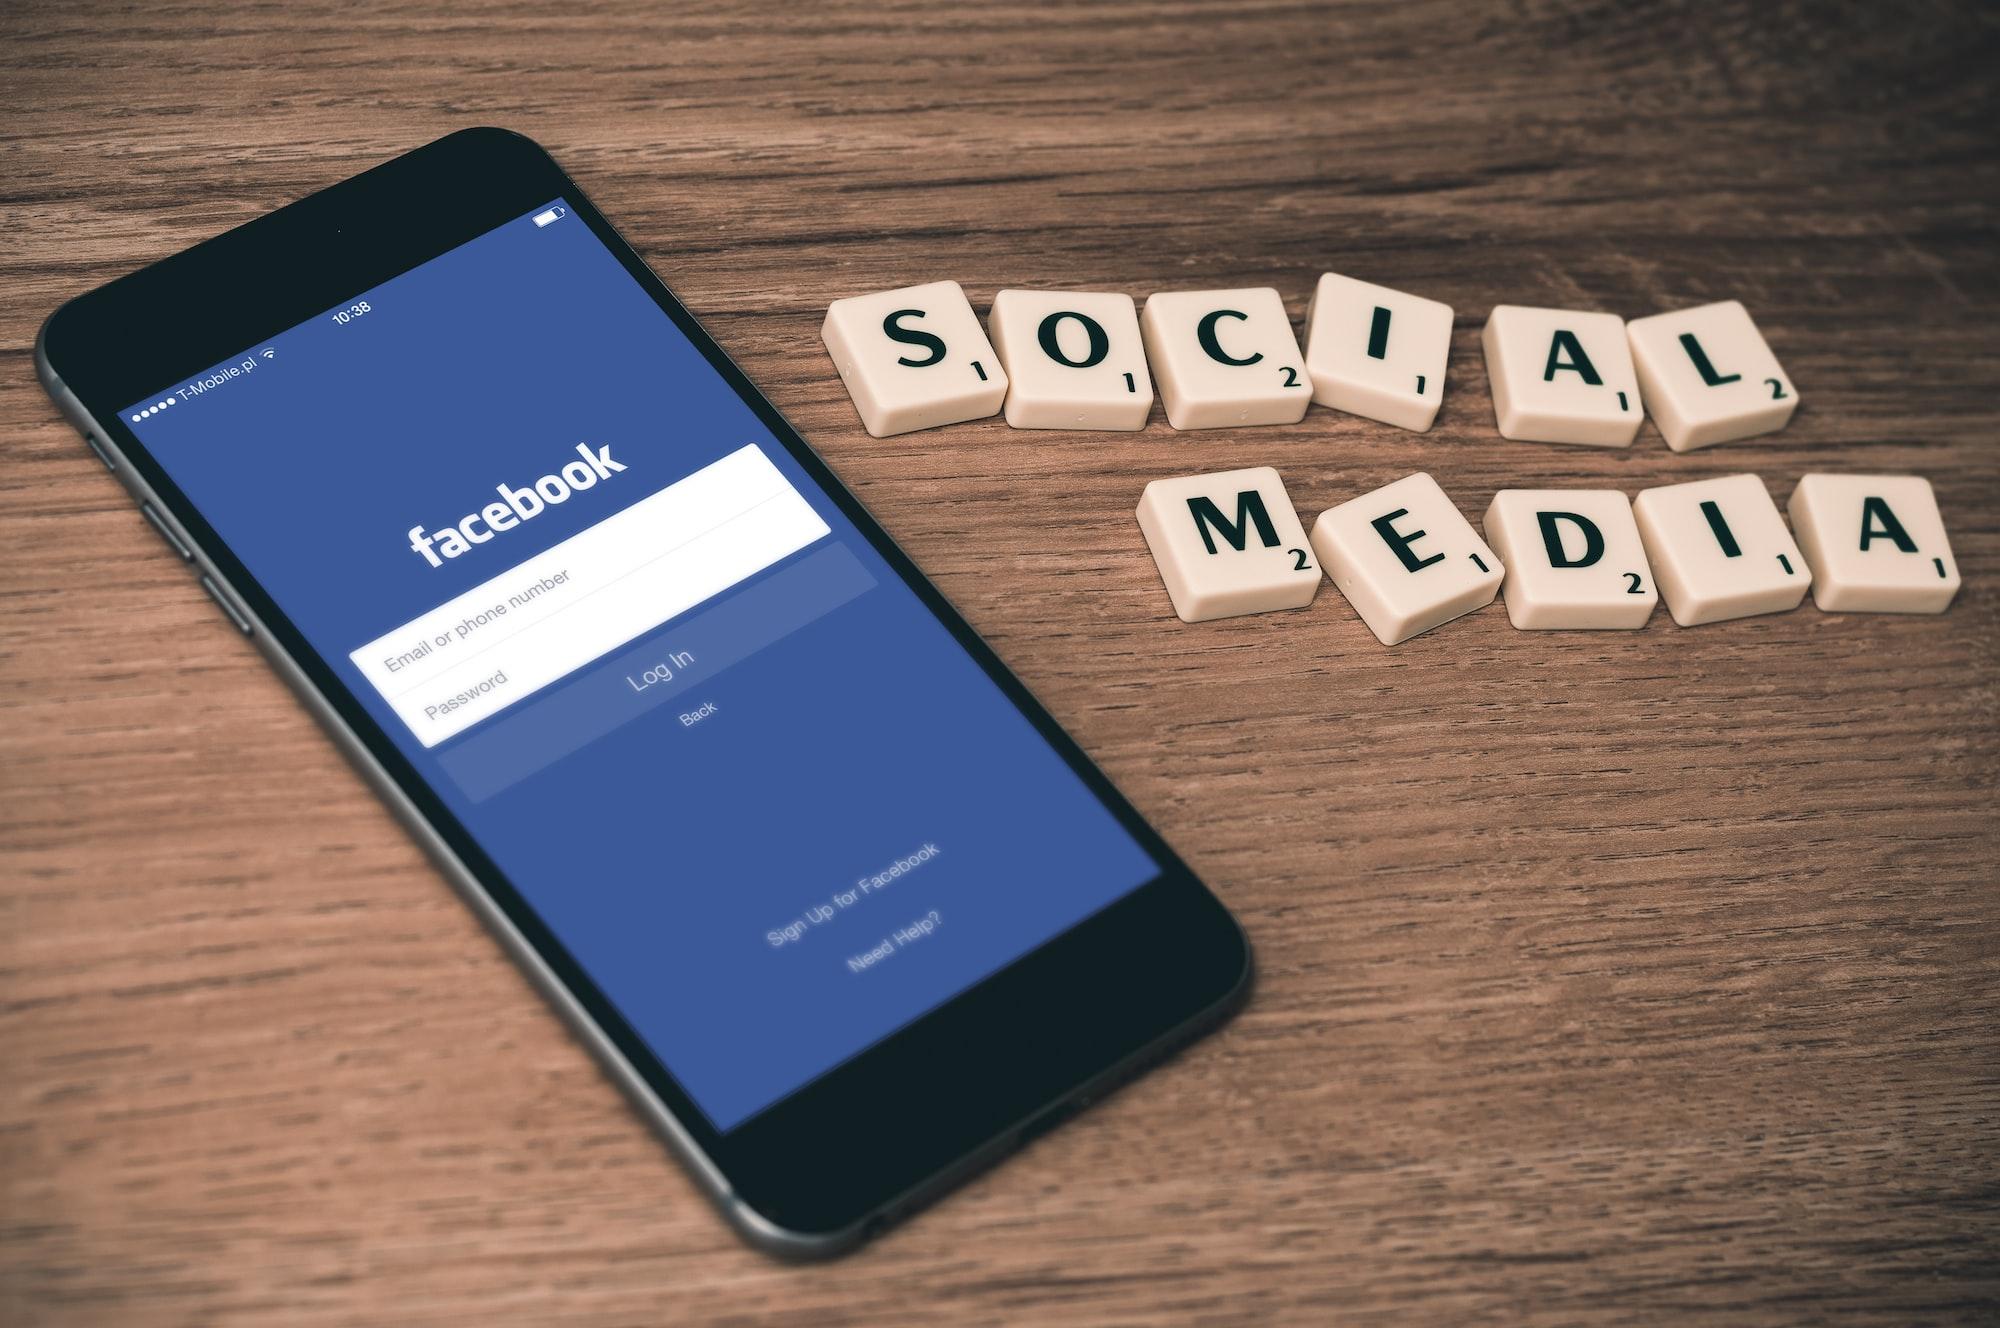 Afkicken van Facebook! Gelukt!